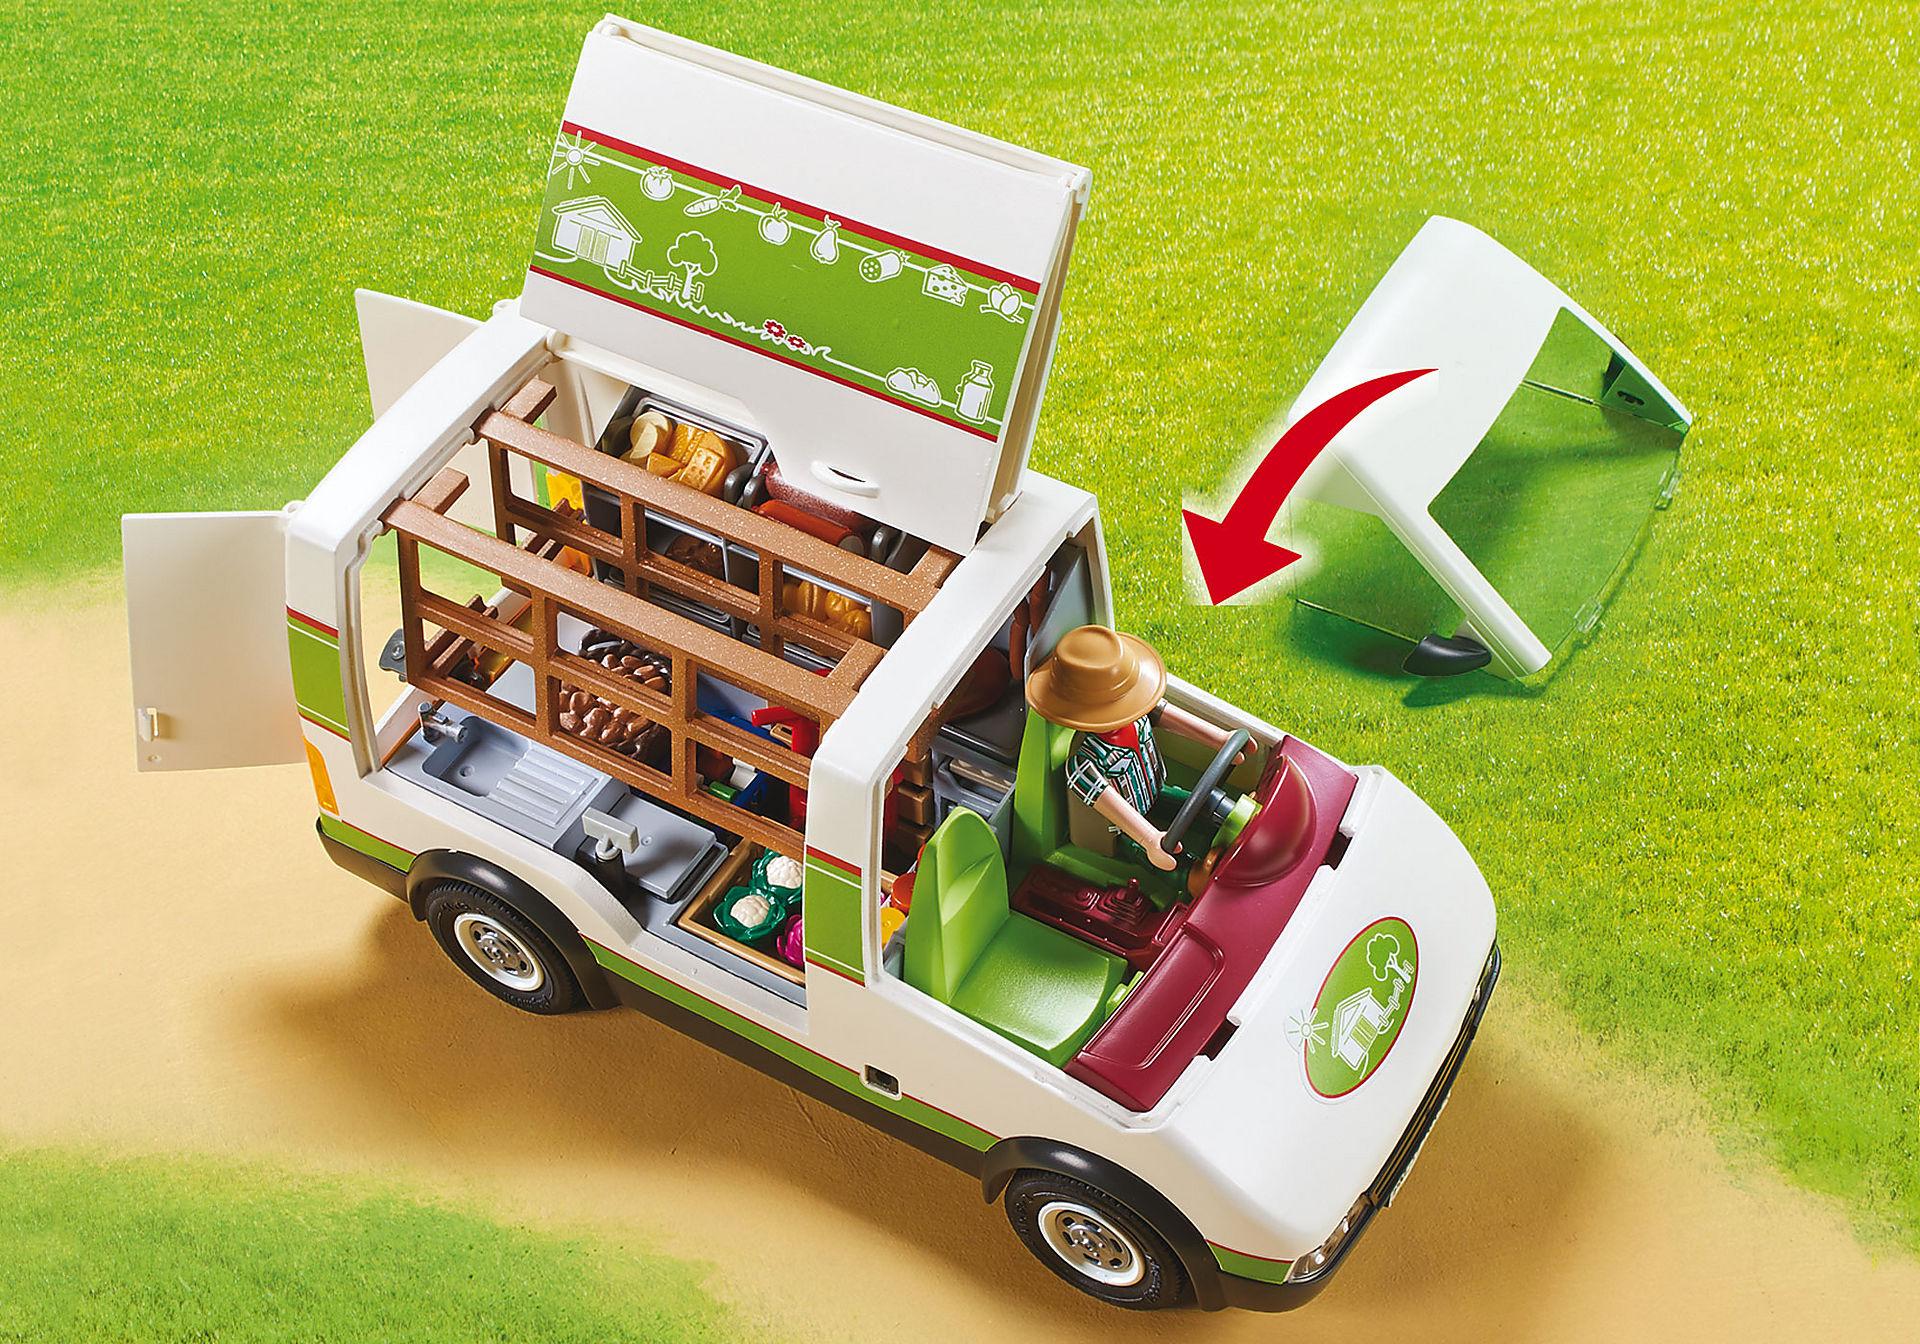 70134 Carrinha com Loja Agrícola zoom image5